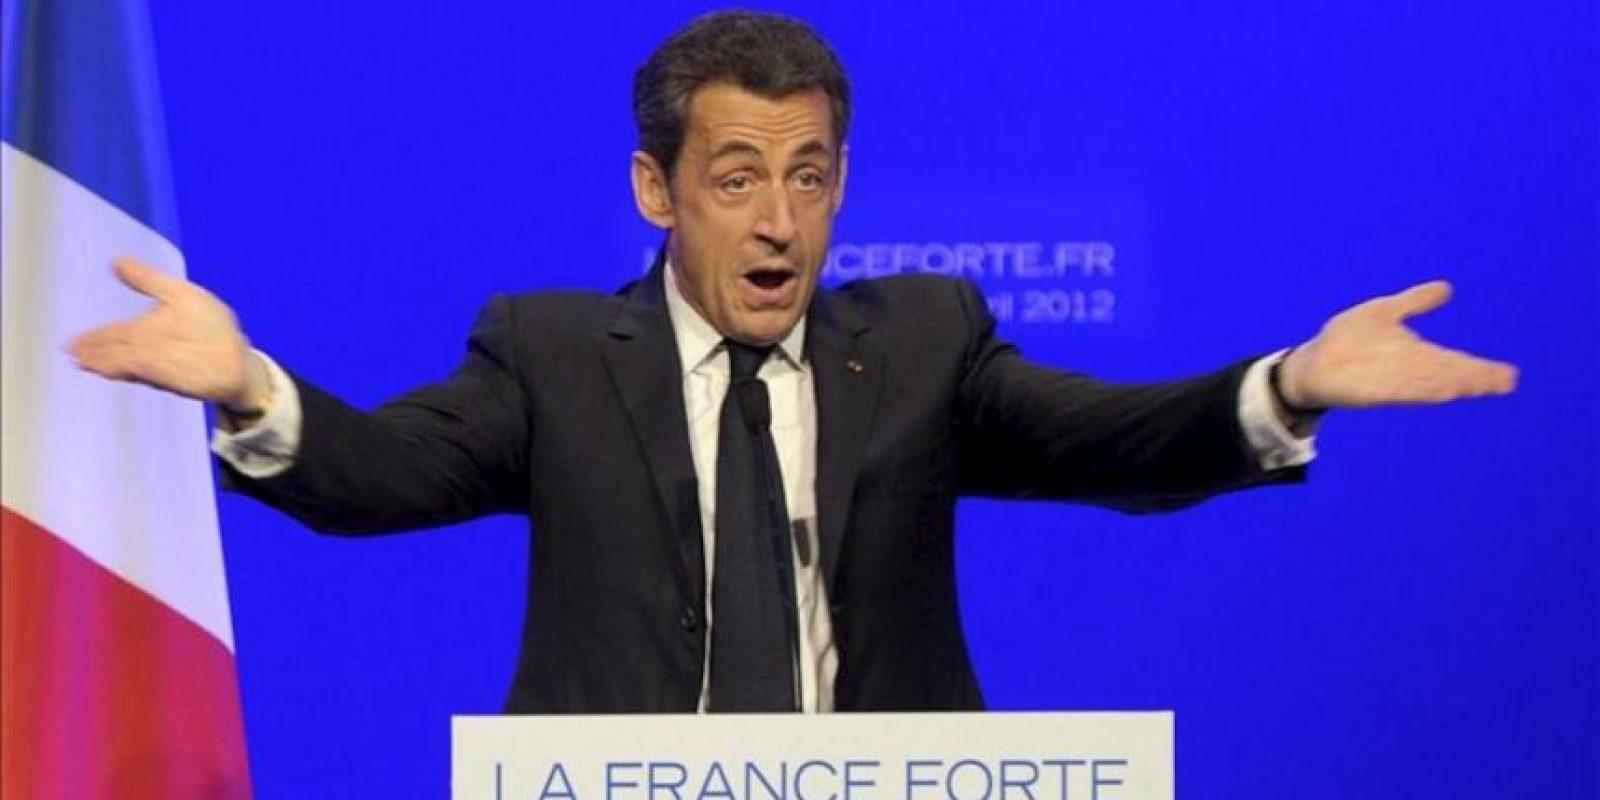 Nicolas Sarkozy, candidato a su reelección en la Presidencia de Francia el próximo 6 de mayo, pronuncia un discurso durante un acto de campaña en Longjumeau, Francia, hoy, martes 24 de abril de 2012. EFE